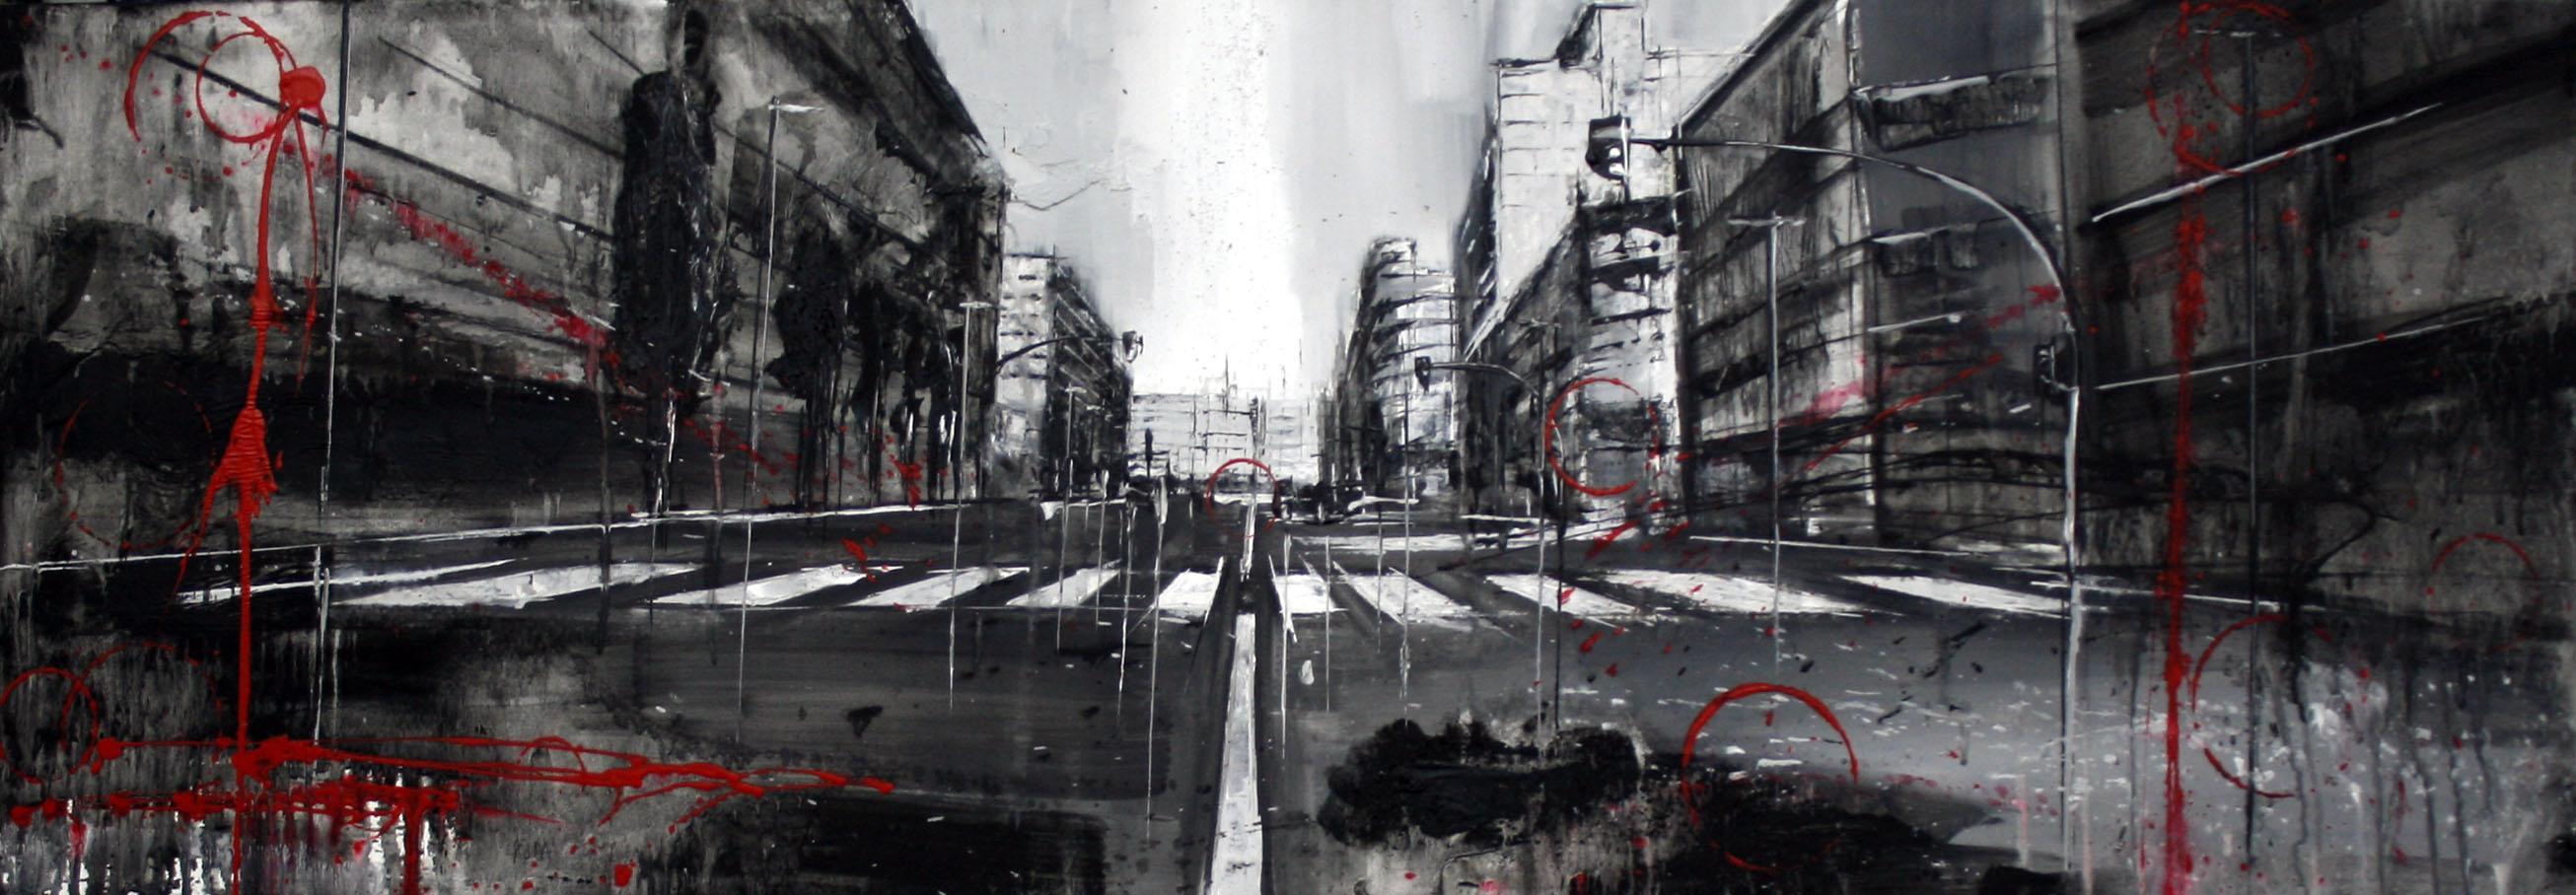 856_avenida de catalunya_120x40cm_mixta sobre lienzo